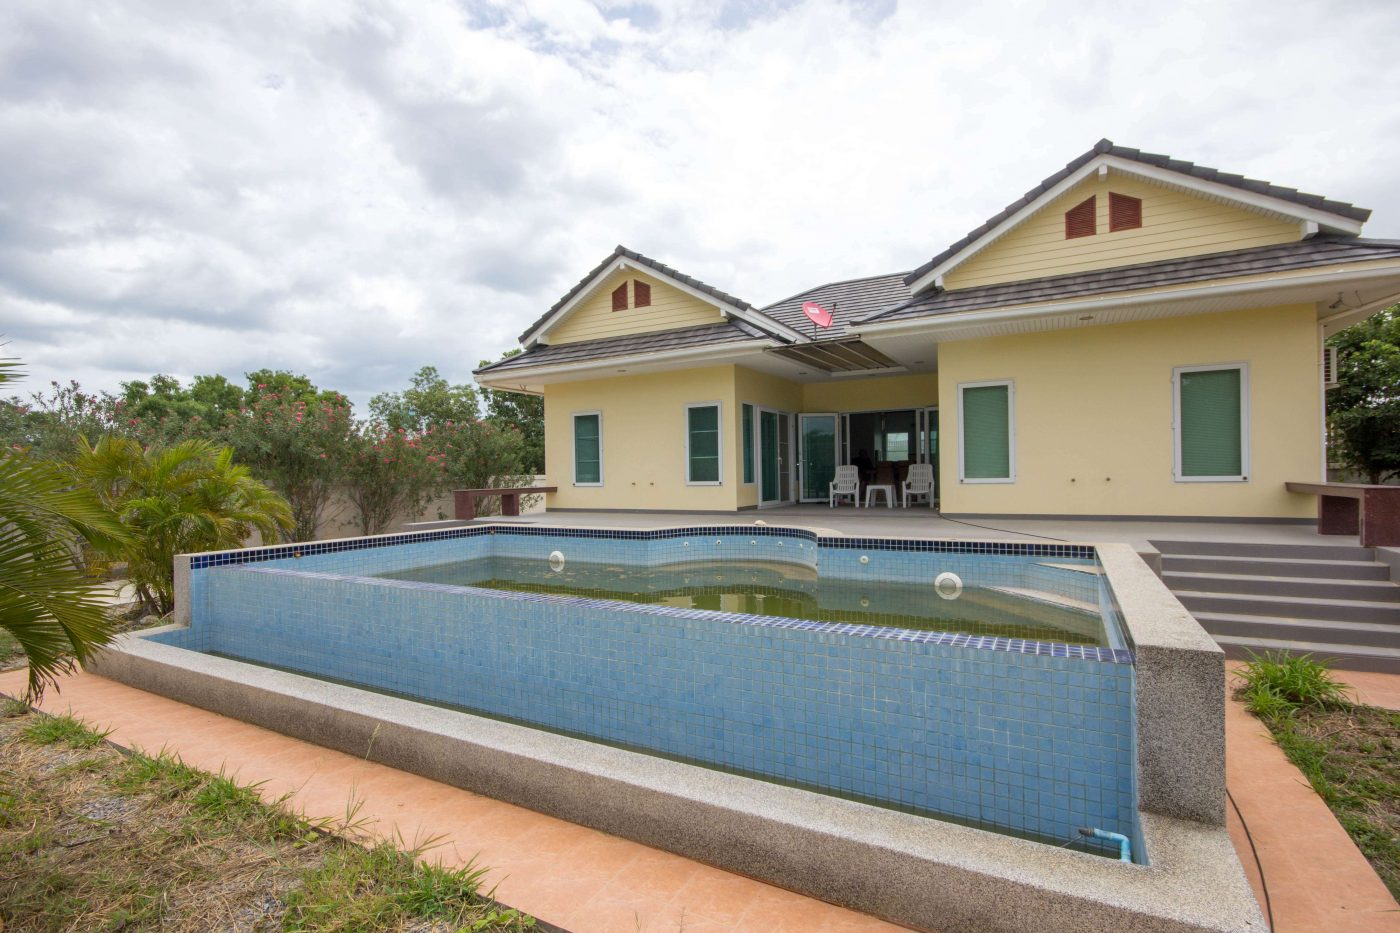 Villa For Sale Soi 112 at Hua Hin District, Prachuap Khiri Khan, Thailand